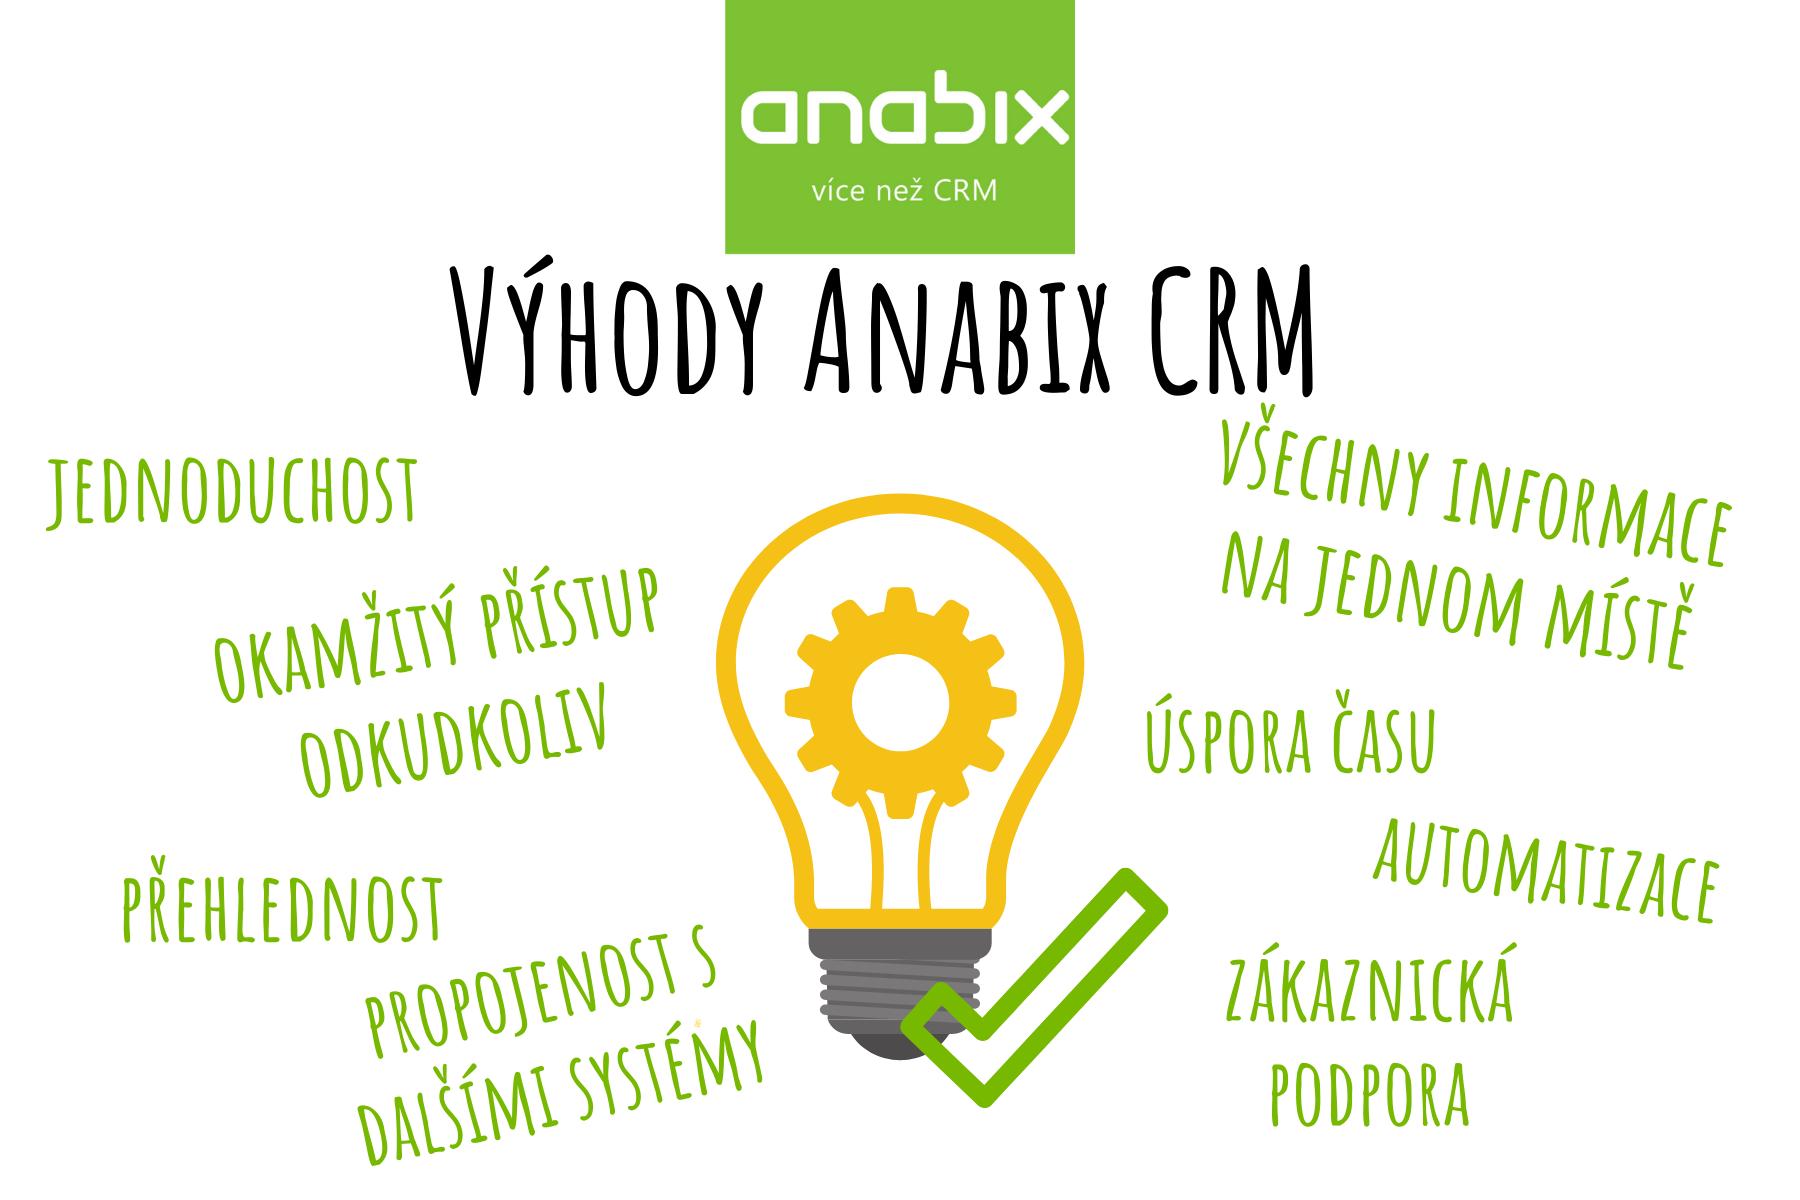 Výhody Anabix CRM